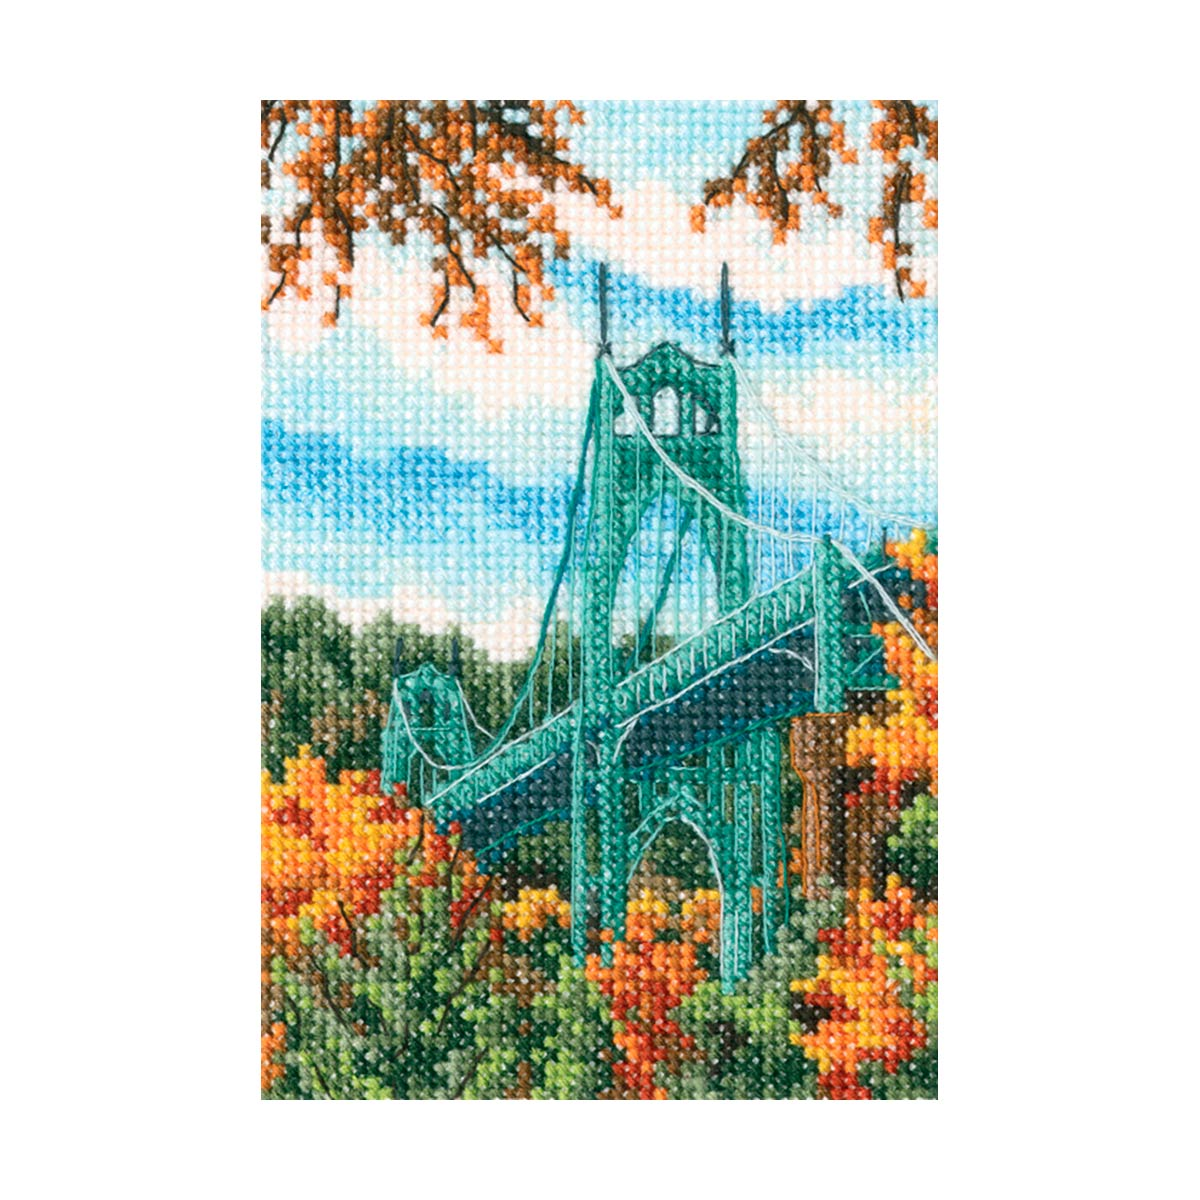 С305 Набор для вышивания РТО 'Мост Сент-Джонс'9x13,5см